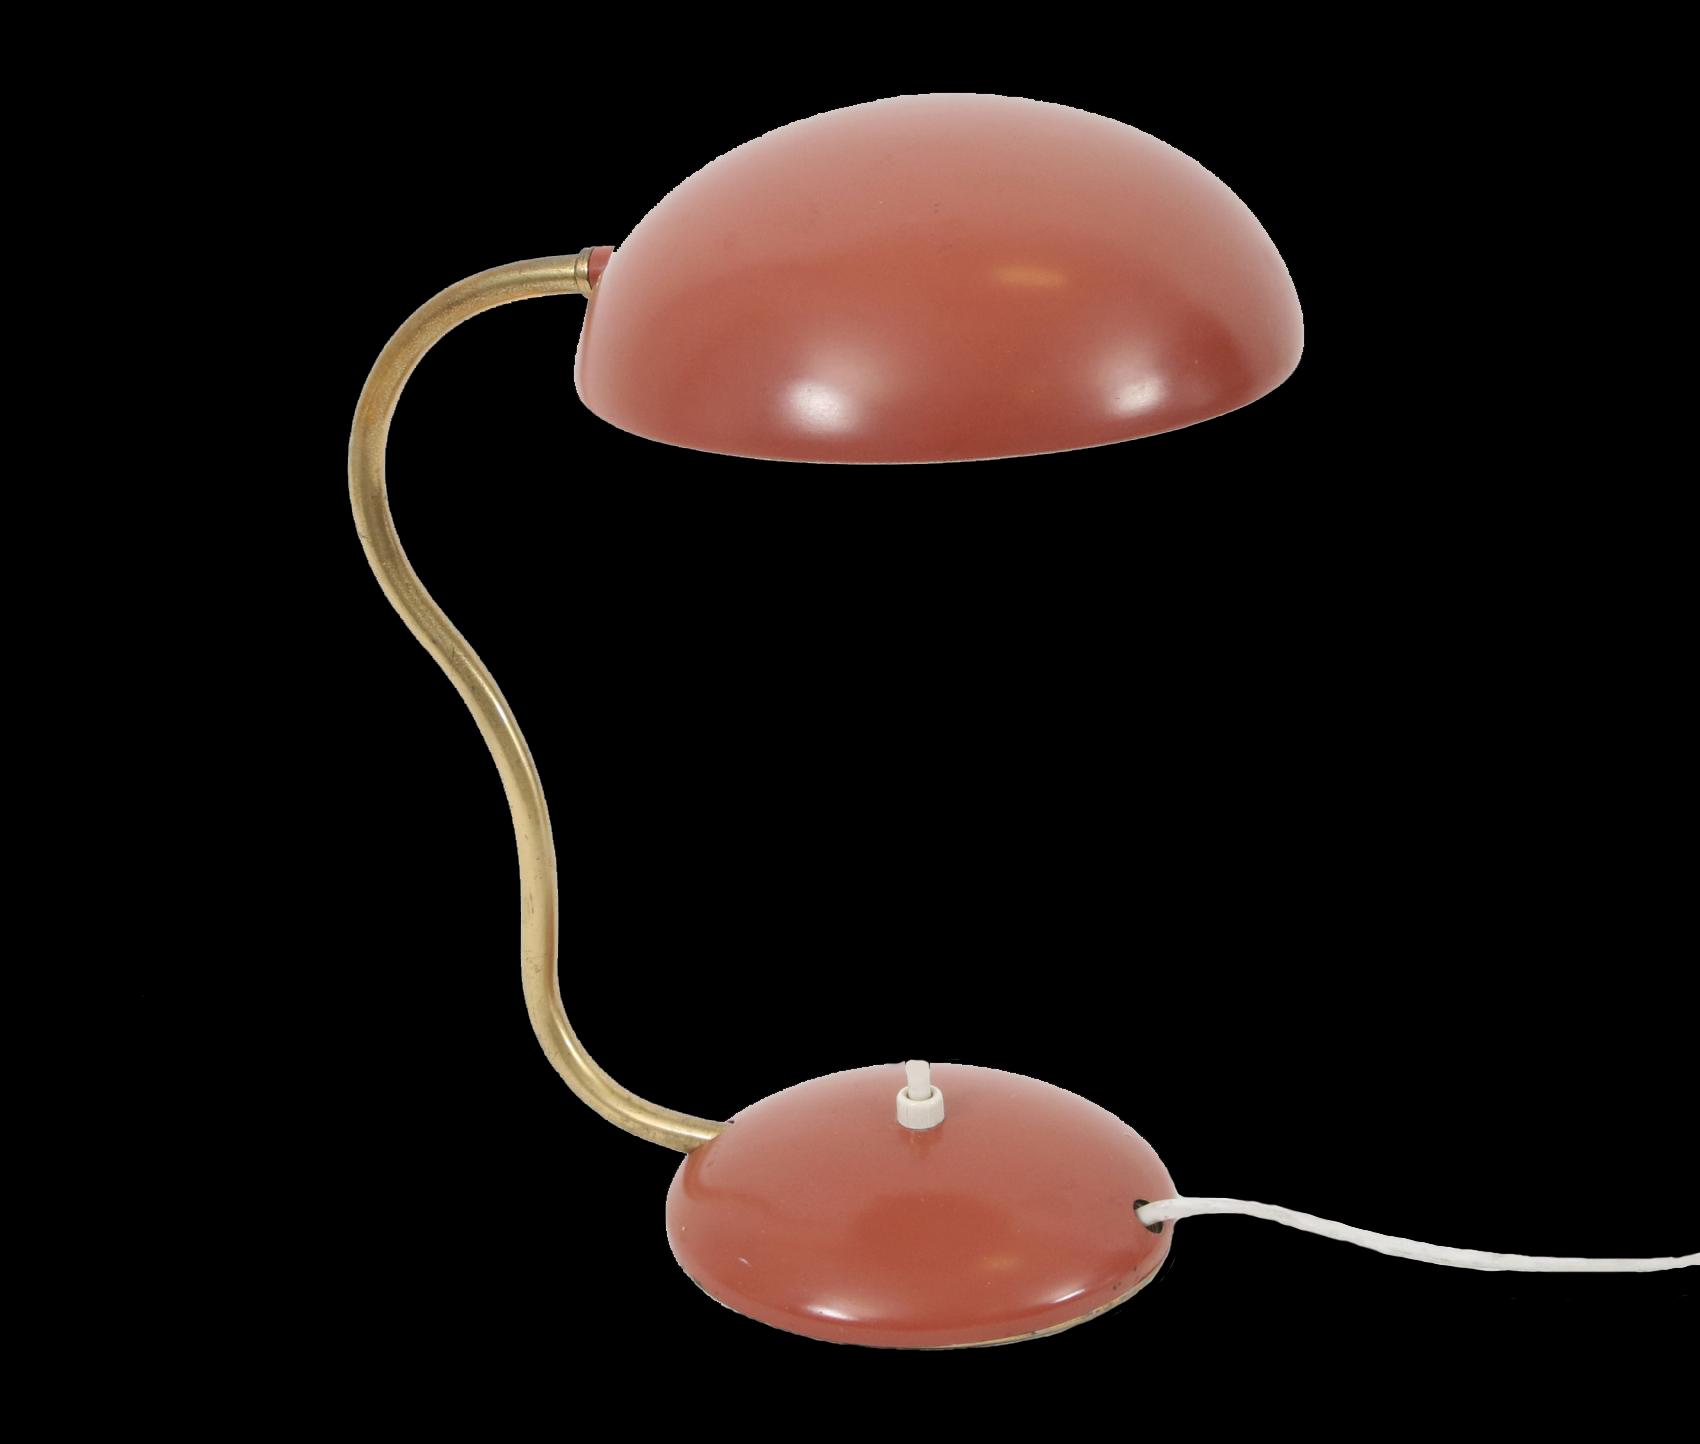 Bordslampa, funkis, 1940-tal. Rödlackad plåt och mässing. Mindre färgslitage. (Höjd 28) Startpris: 100 Sek. Dalarnas Auktionsbyrå